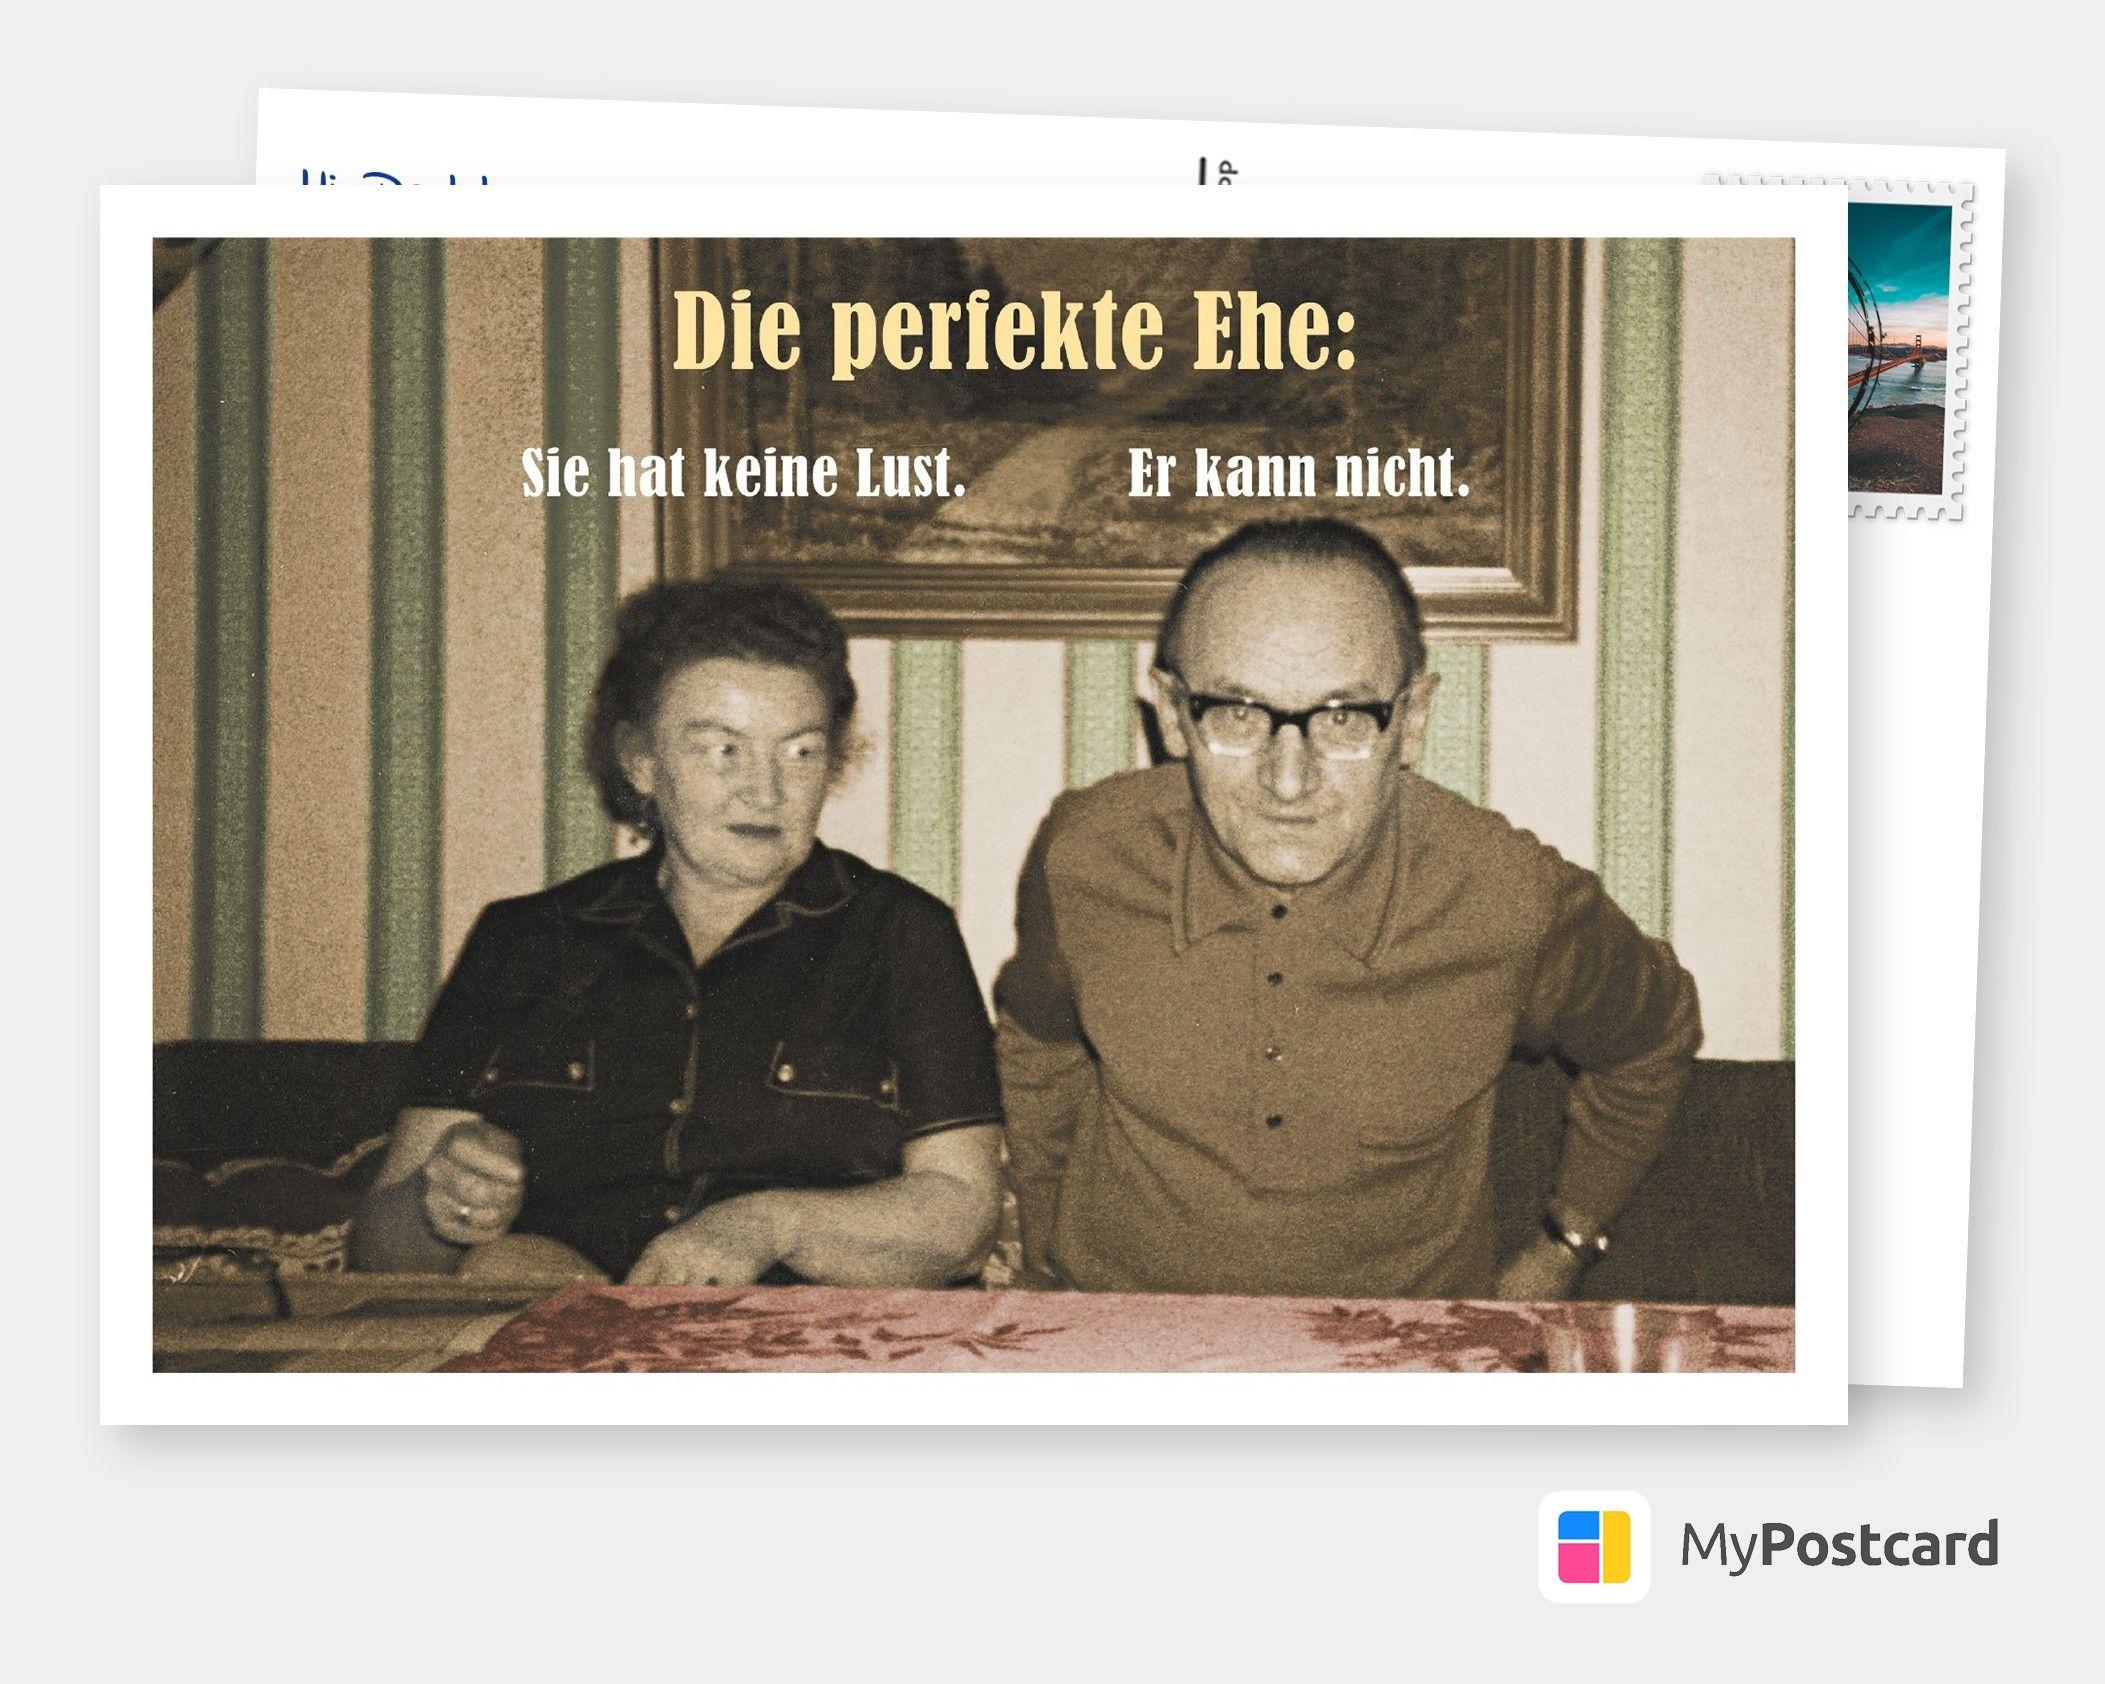 Perfekte Ehe   Witzige Karten & Sprüche 👻💩🤪   Echte ...